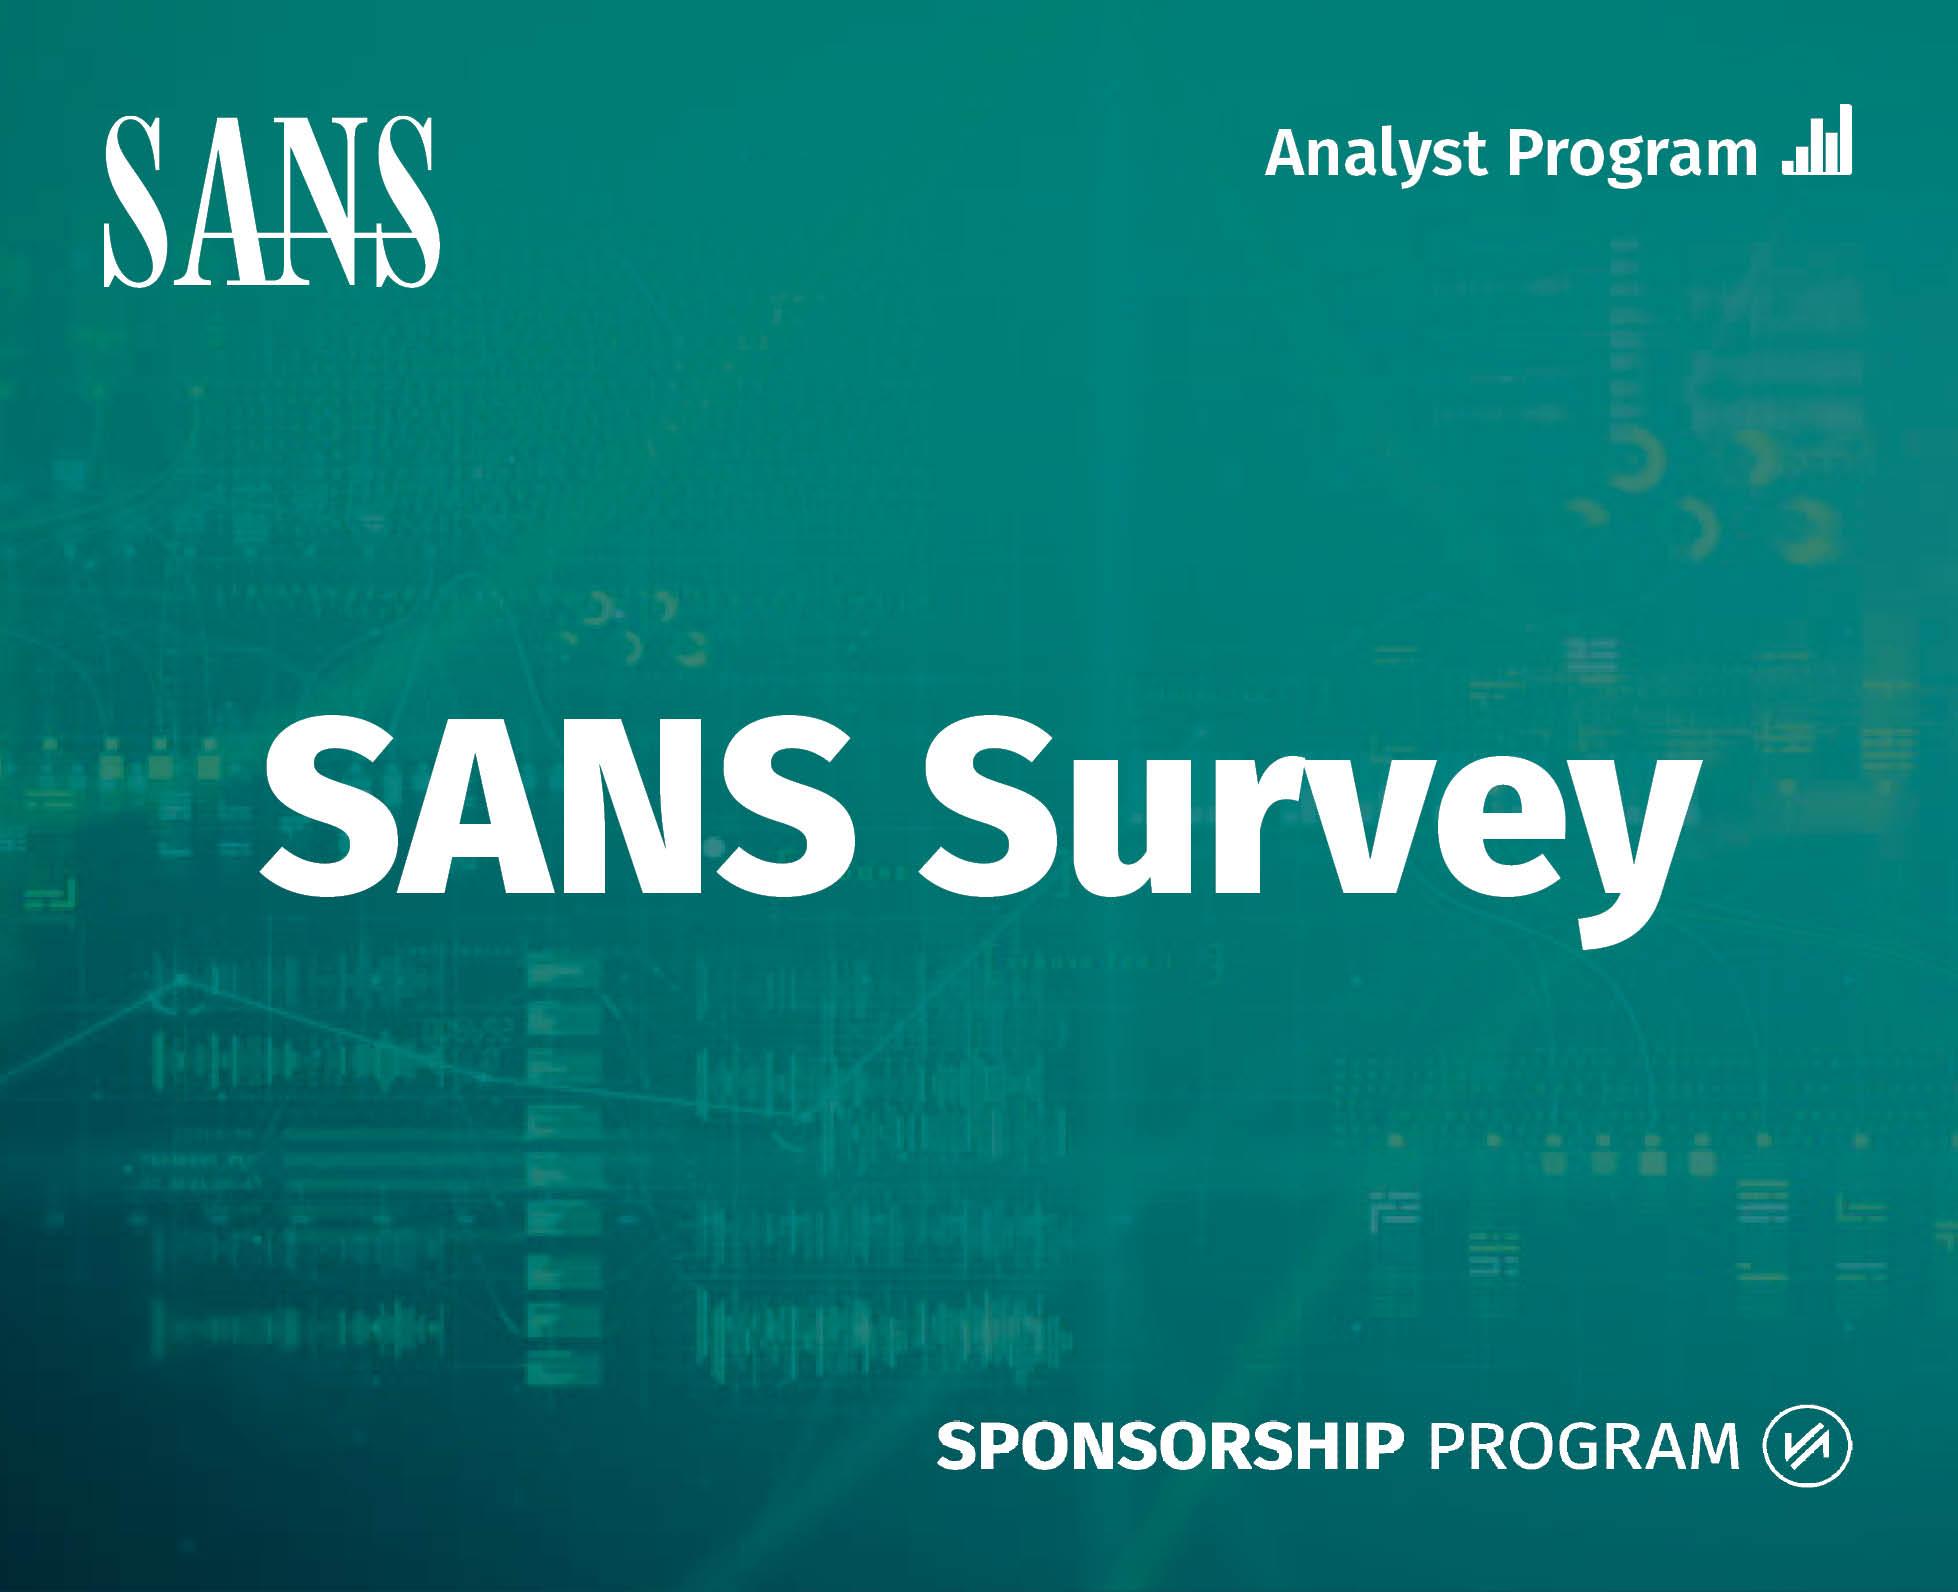 Analyst_Program_-_Survey_470x382.jpg